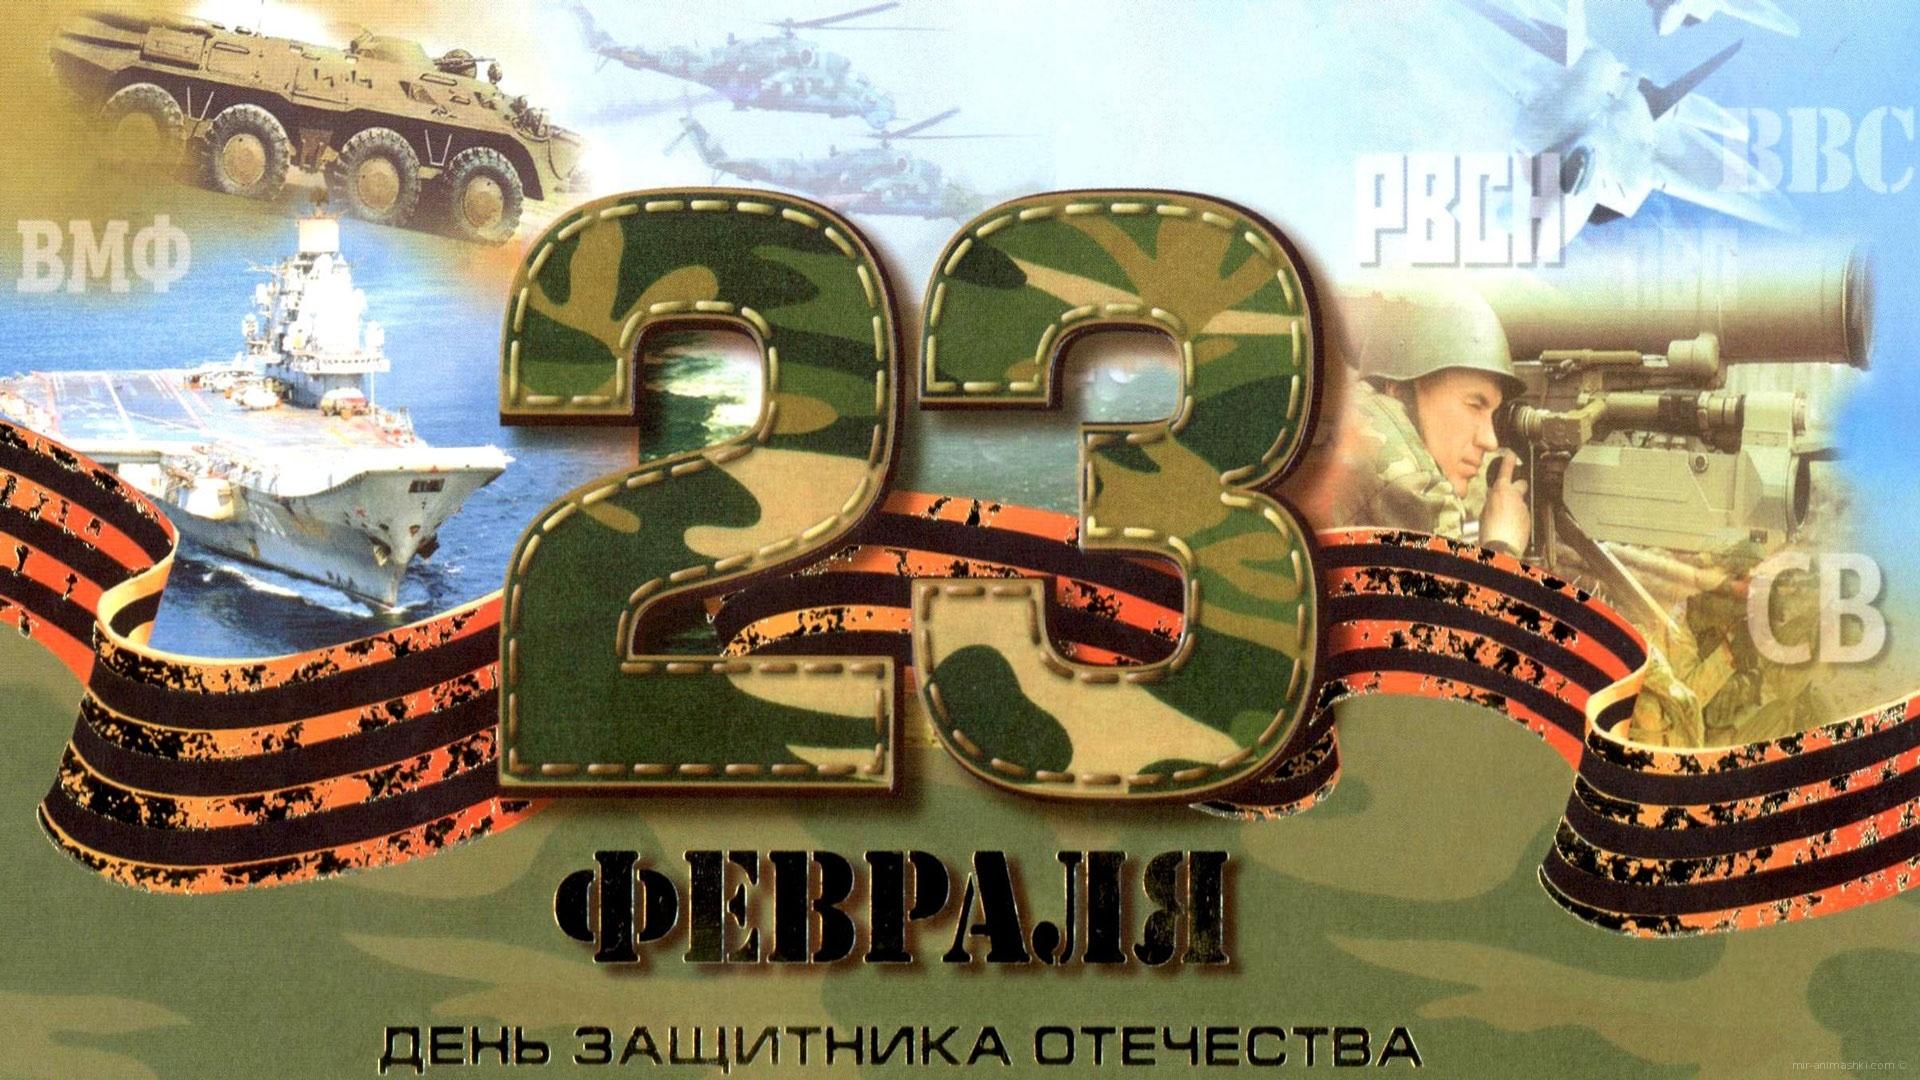 23 февраля день русского солдата - С 23 февраля поздравительные картинки